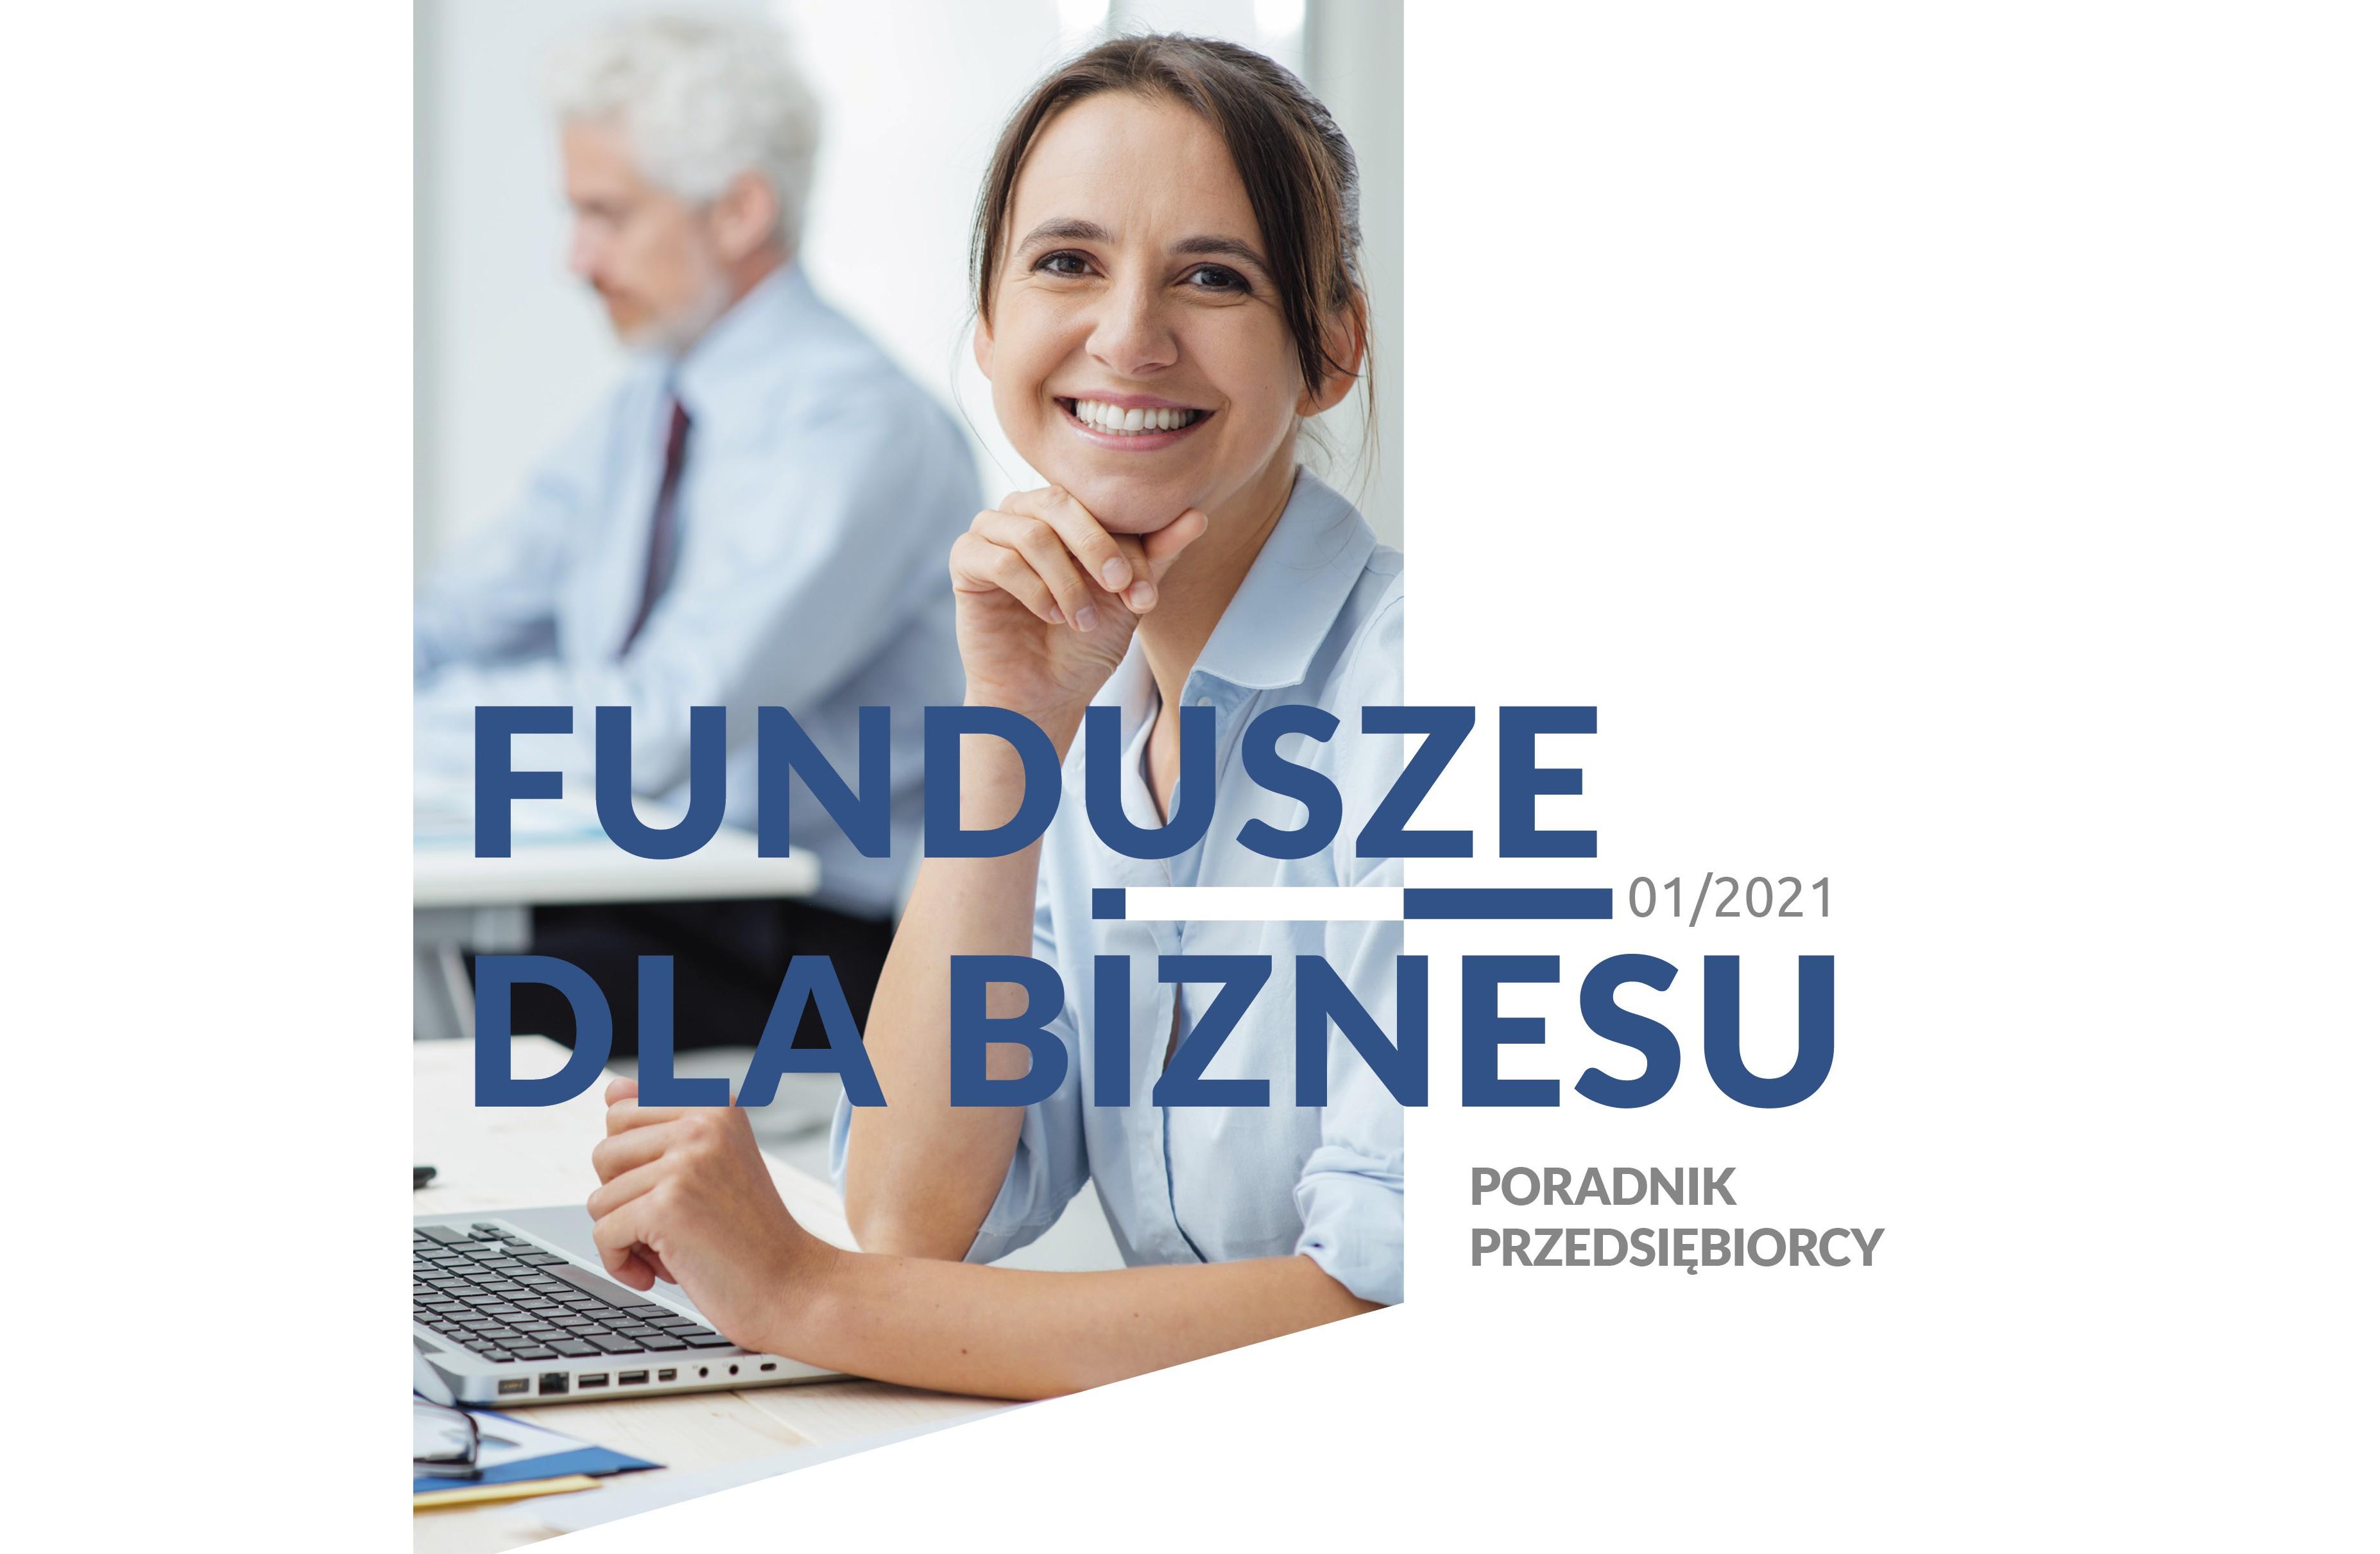 Nowy numer poradnika Fundusze dla Biznesu. Zapraszamy do lektury!